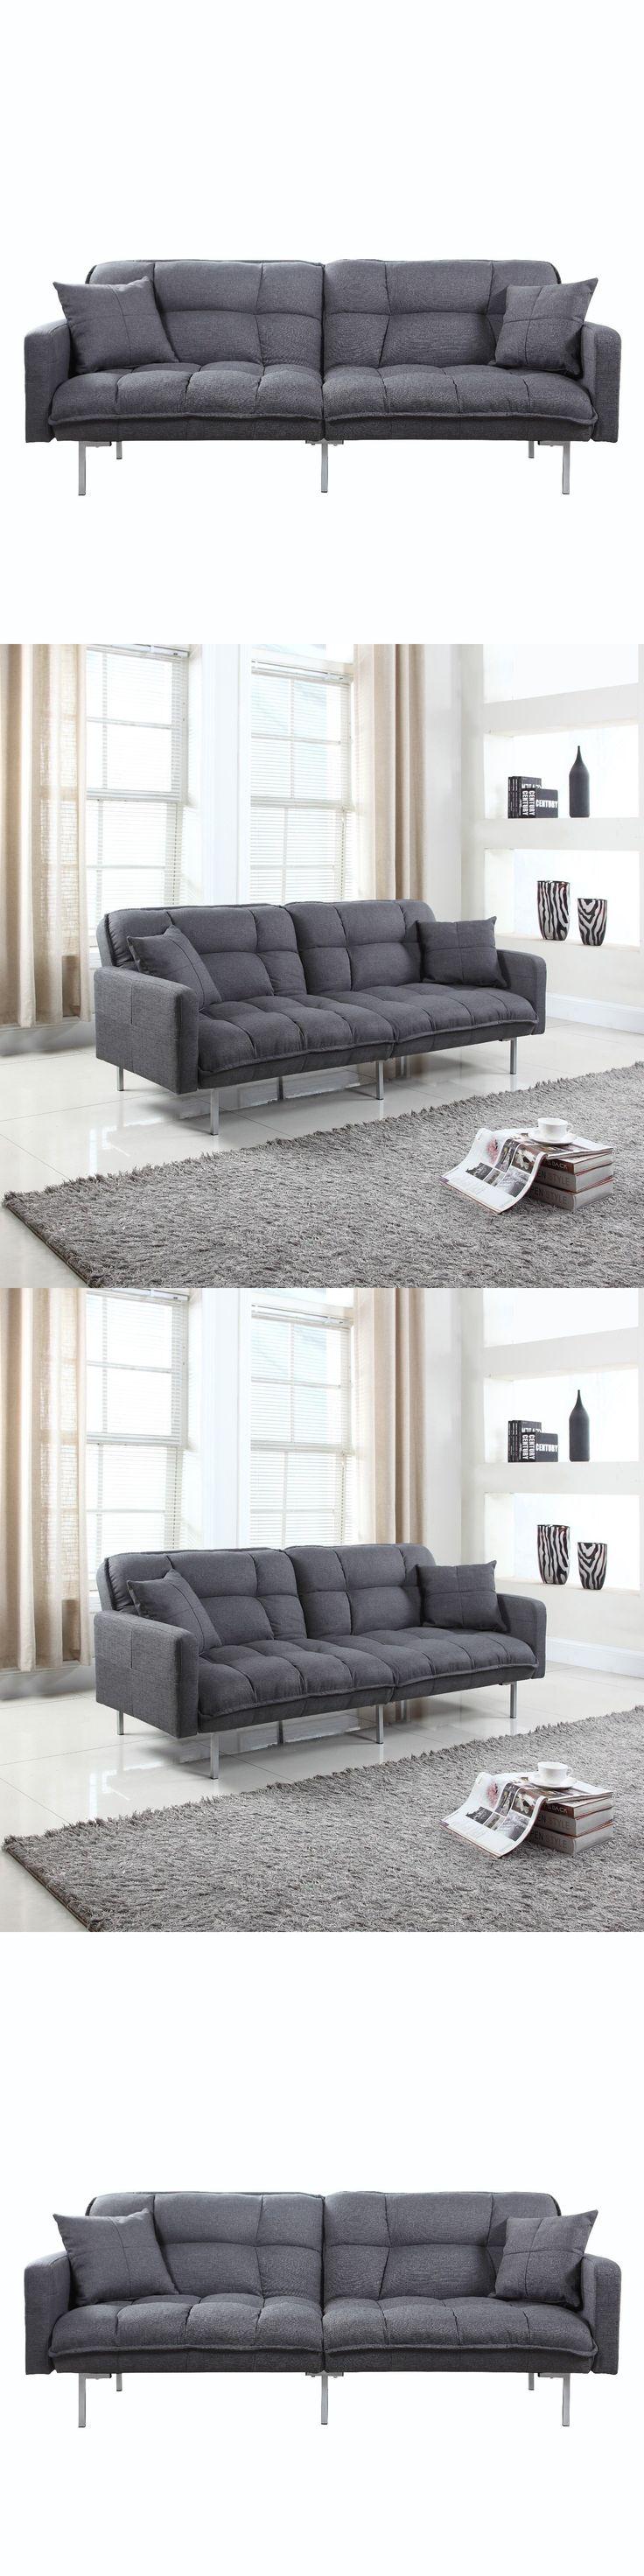 Best 25 Futon living rooms ideas on Pinterest